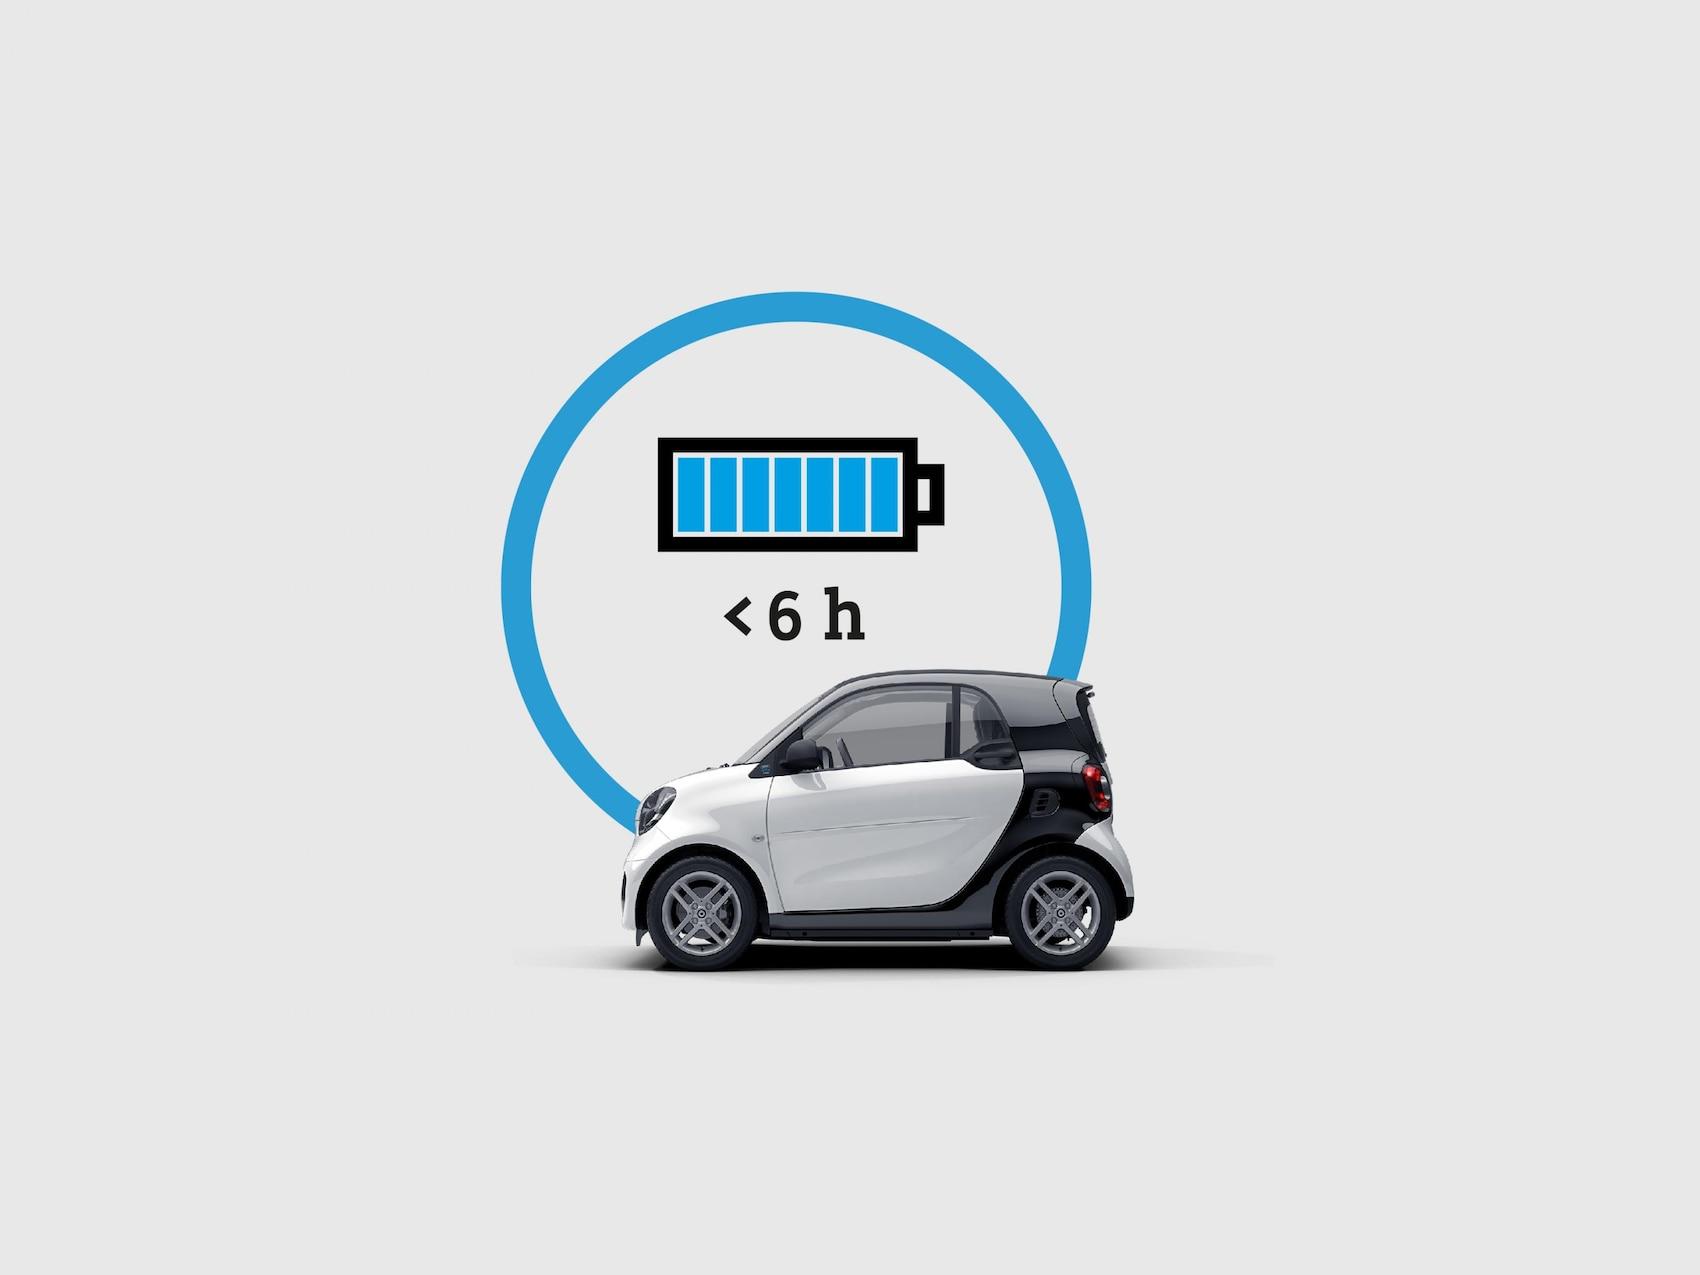 """Täysin ladattu akku, joka esittää, että smart ladataan """"< 3,5 h"""" laturilla 22 kW."""